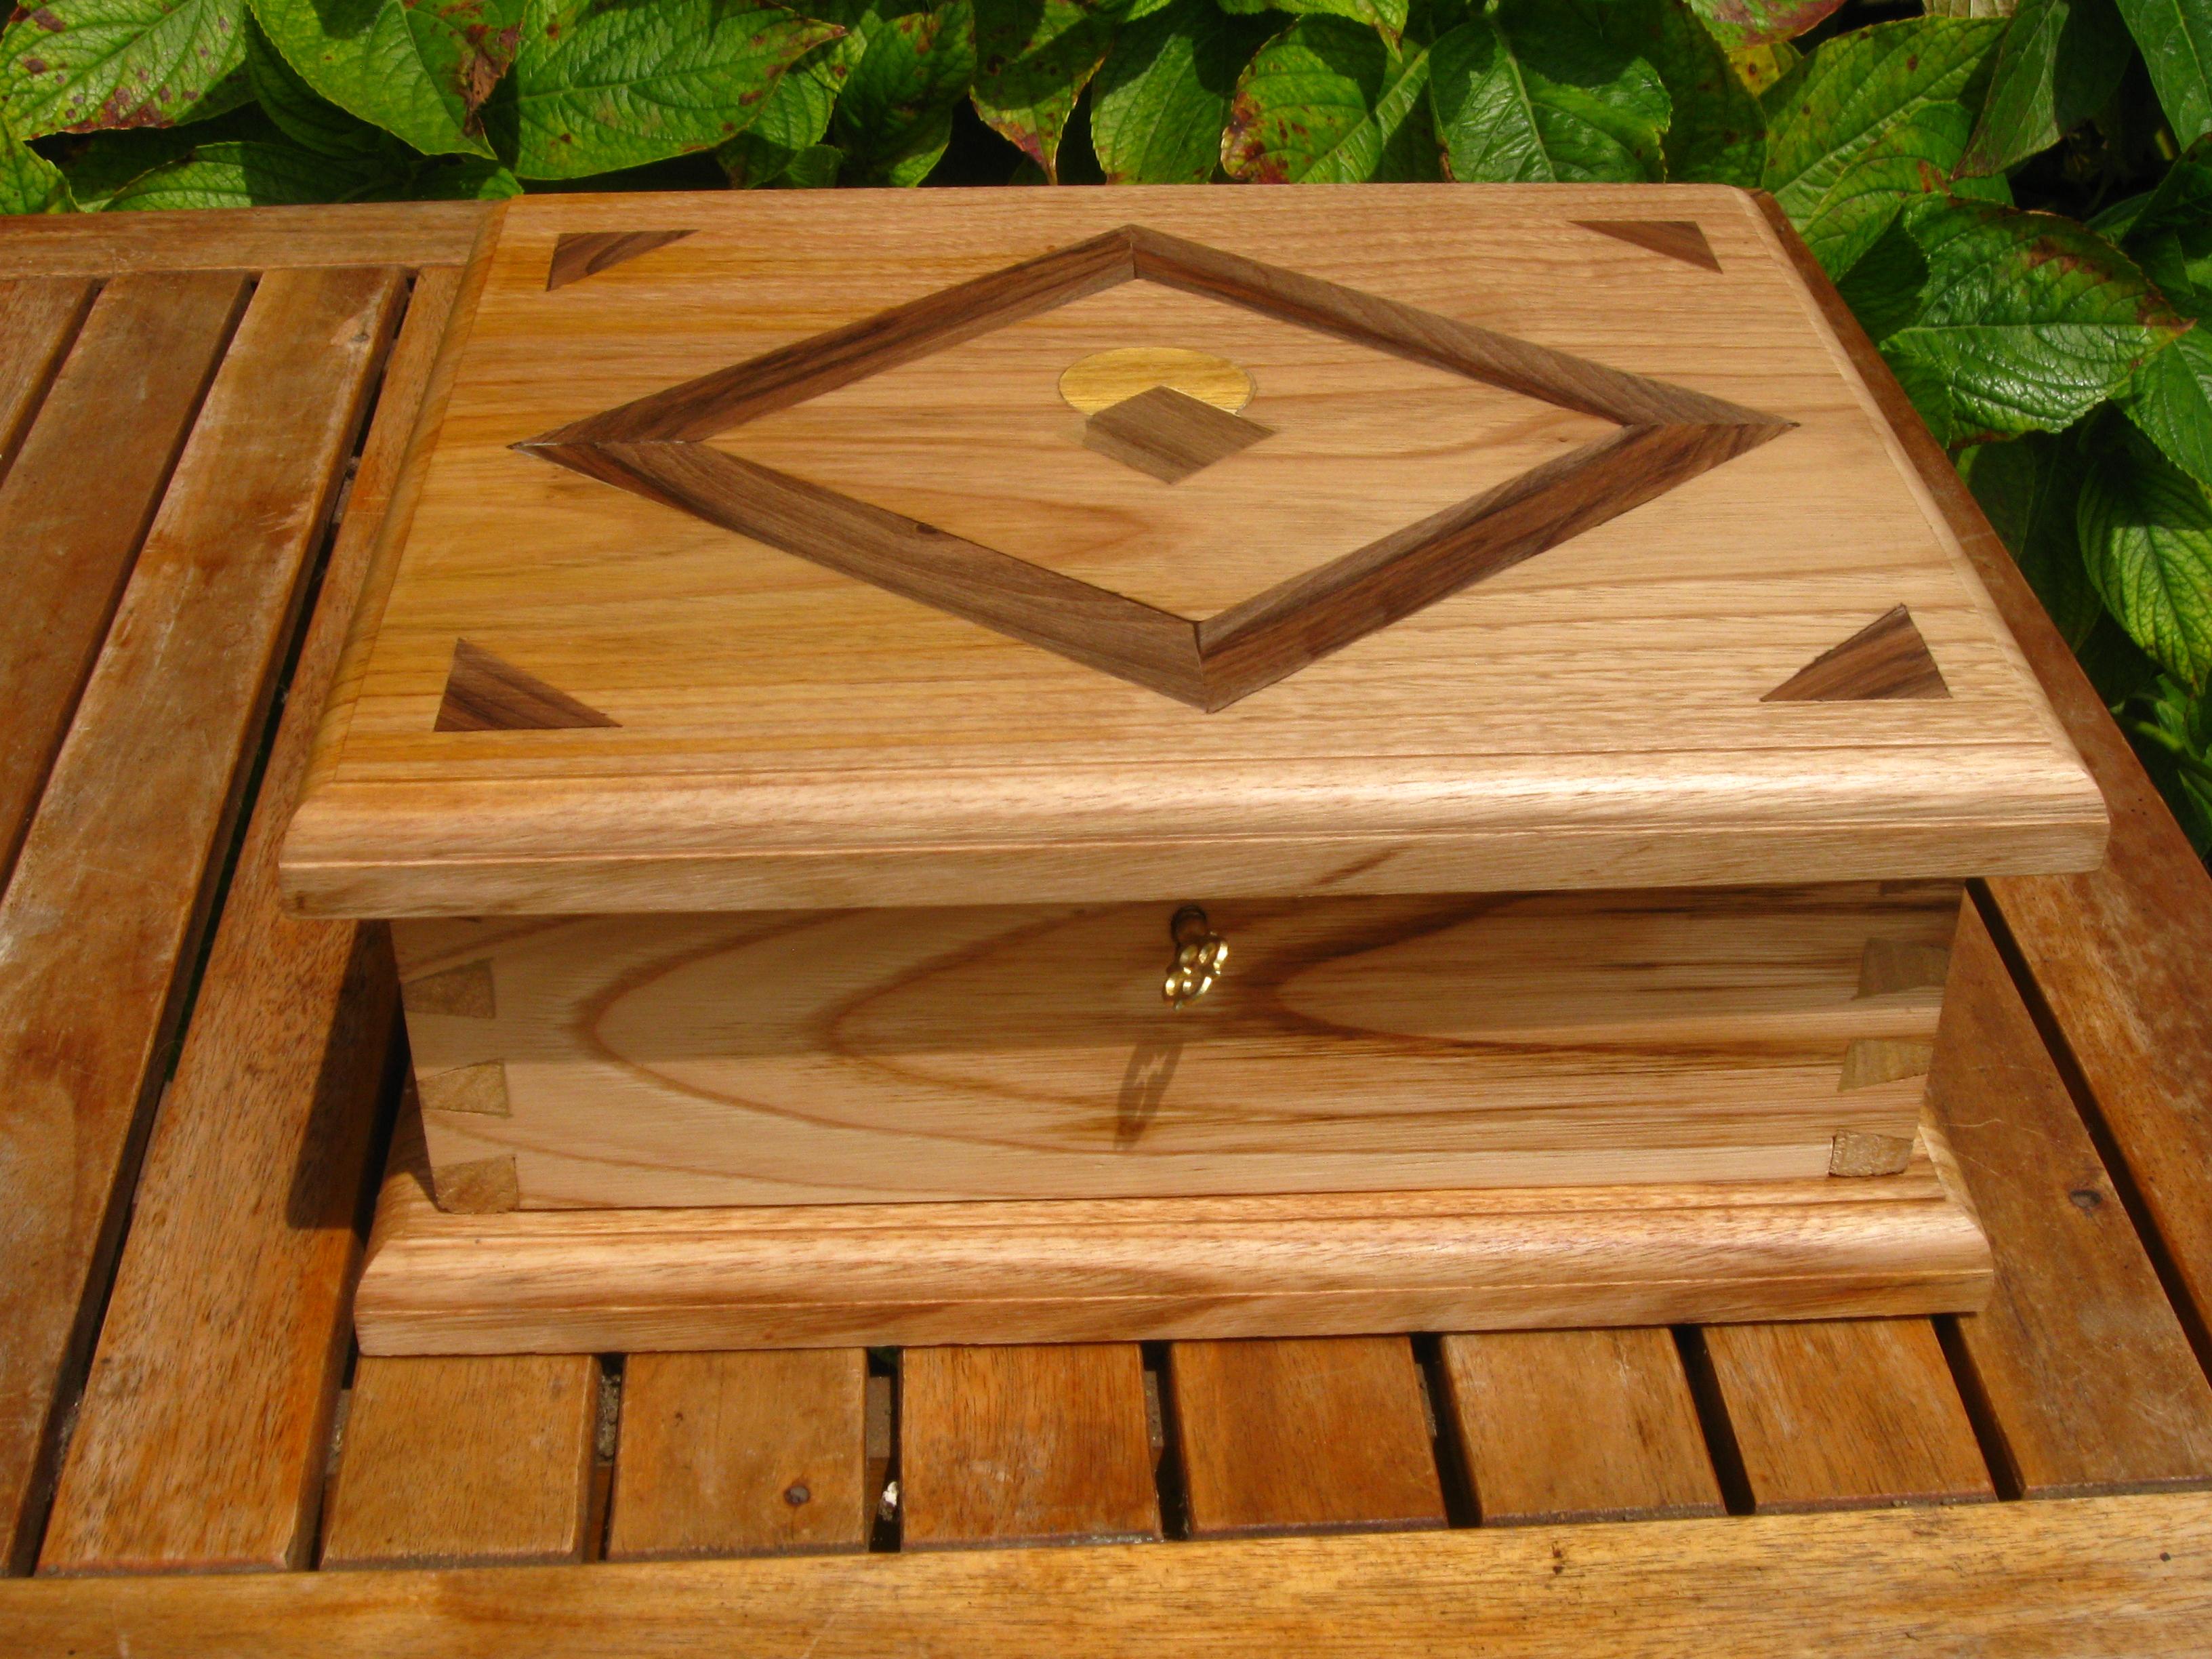 Cajas de madera ebanisteria luengo - La ebanisteria ...